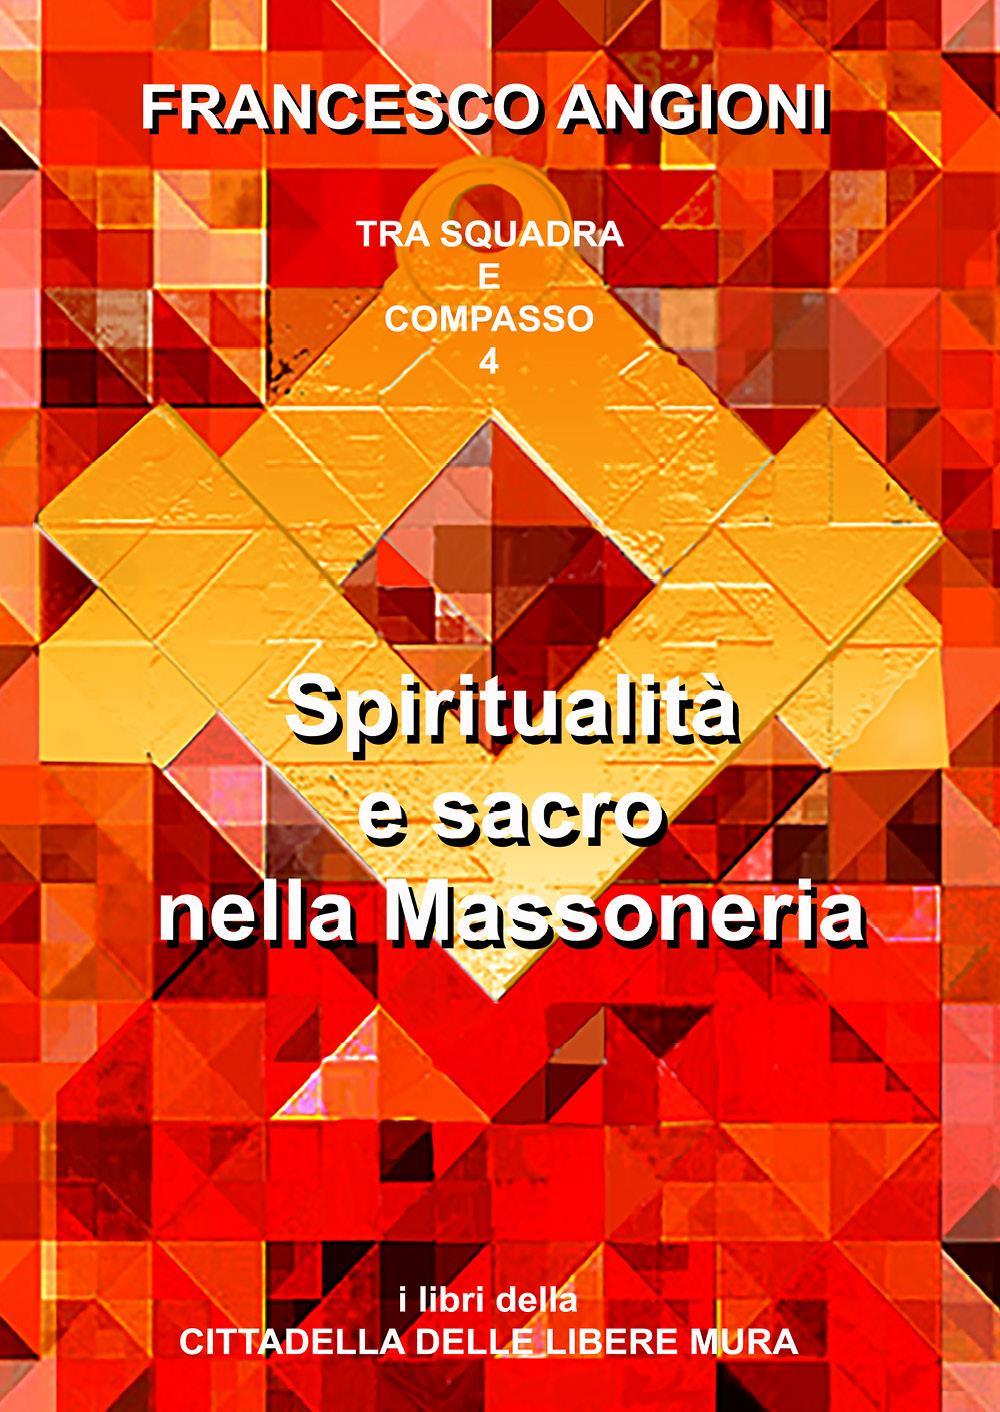 Spiritualità e sacro nella Massoneria. Annotazioni